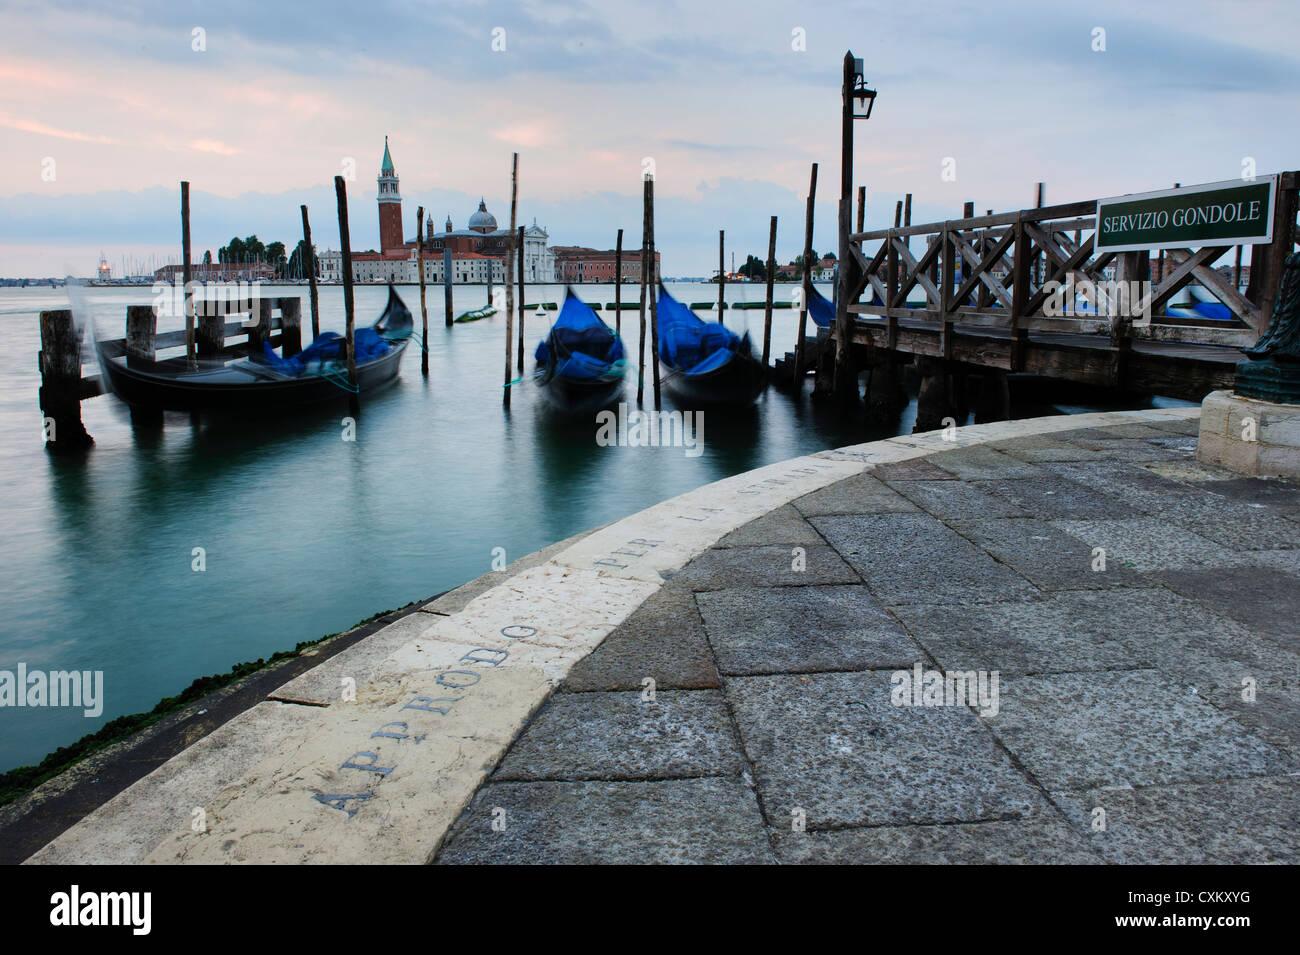 Gondolas Moored by the St. Mark's Basin, Venice, Italy. Stock Photo